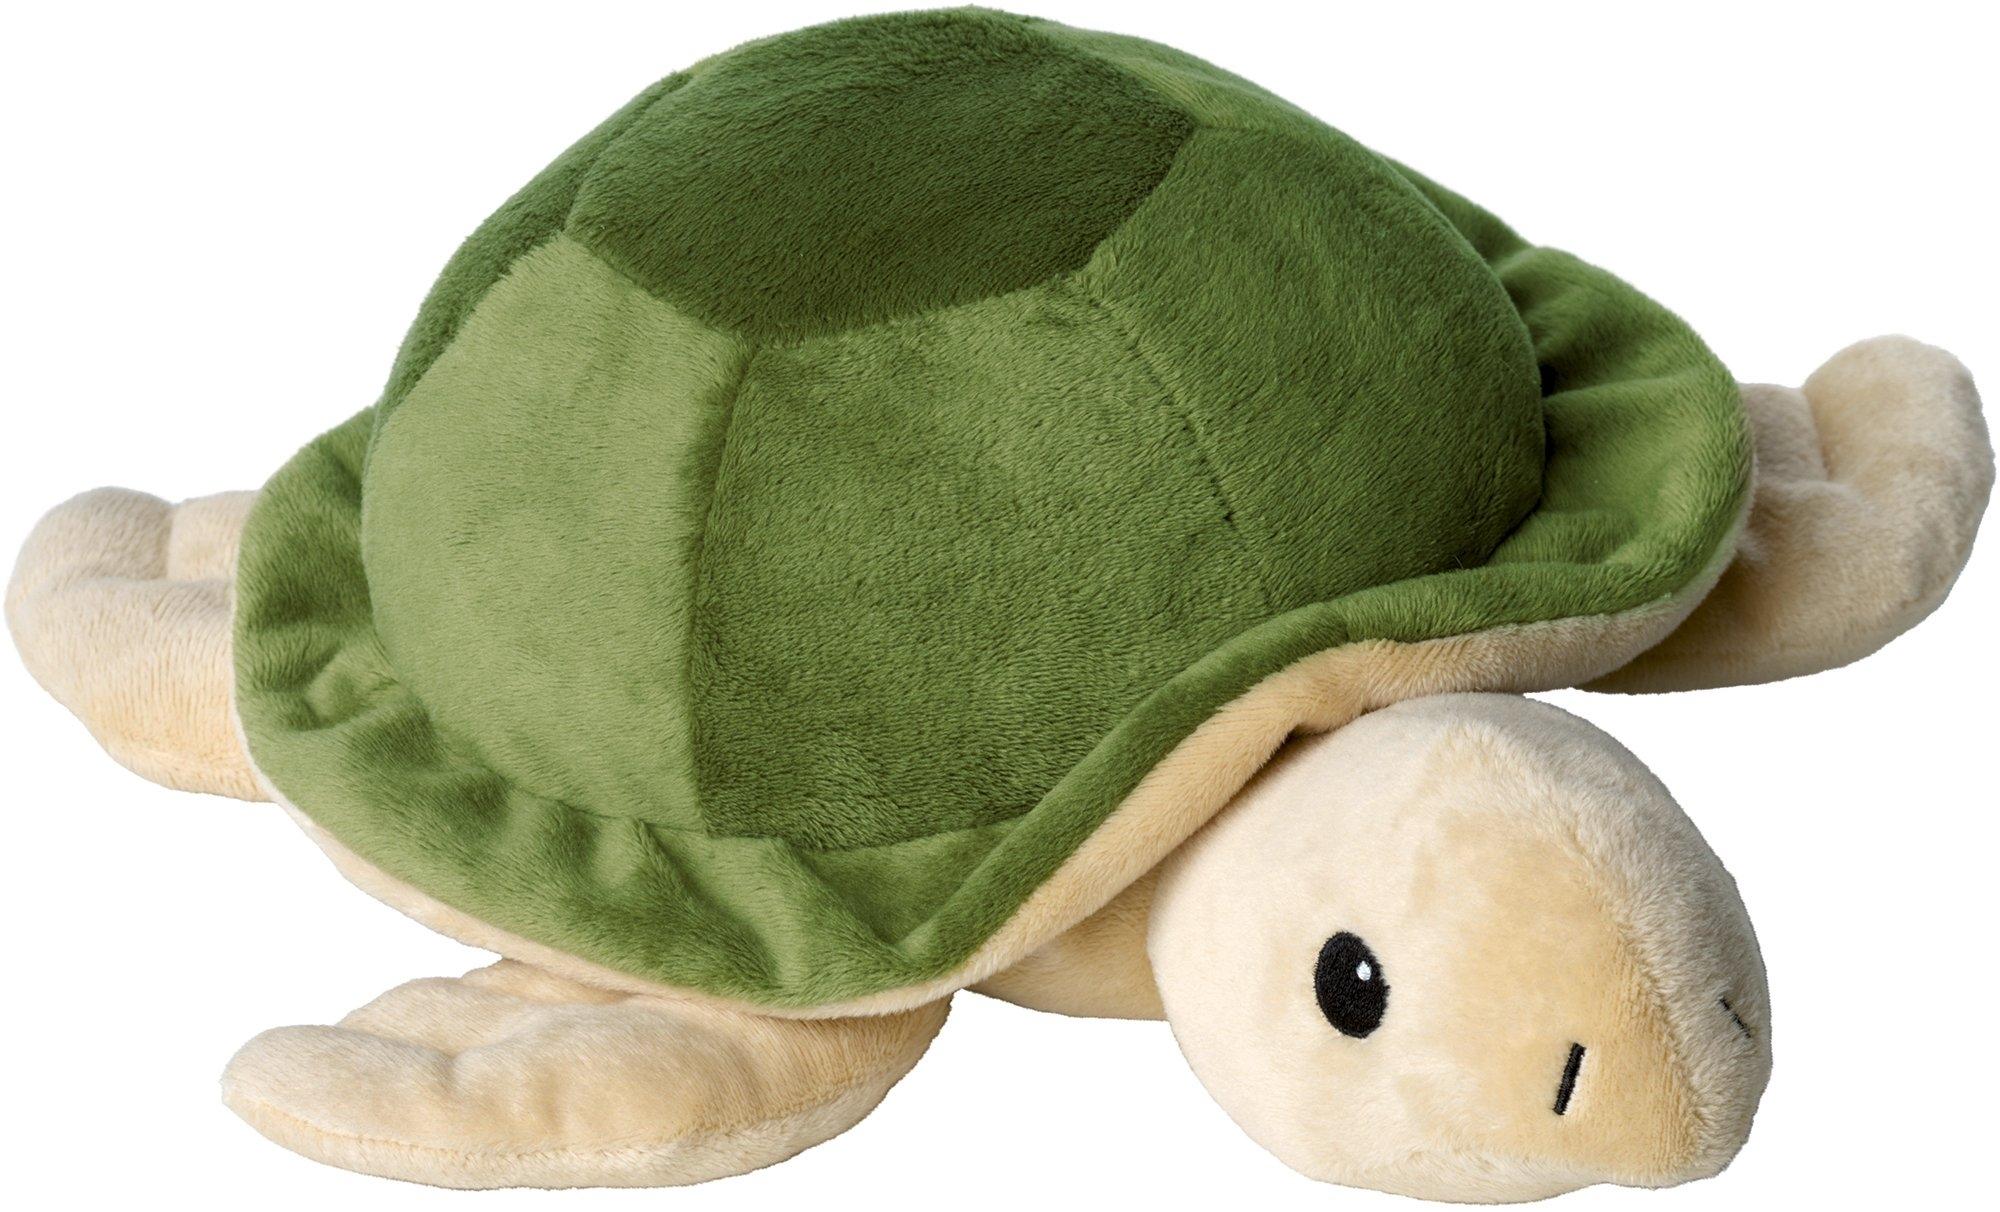 Warmies warmtekussen, »Warmies® Schildpad« bestellen: 14 dagen bedenktijd